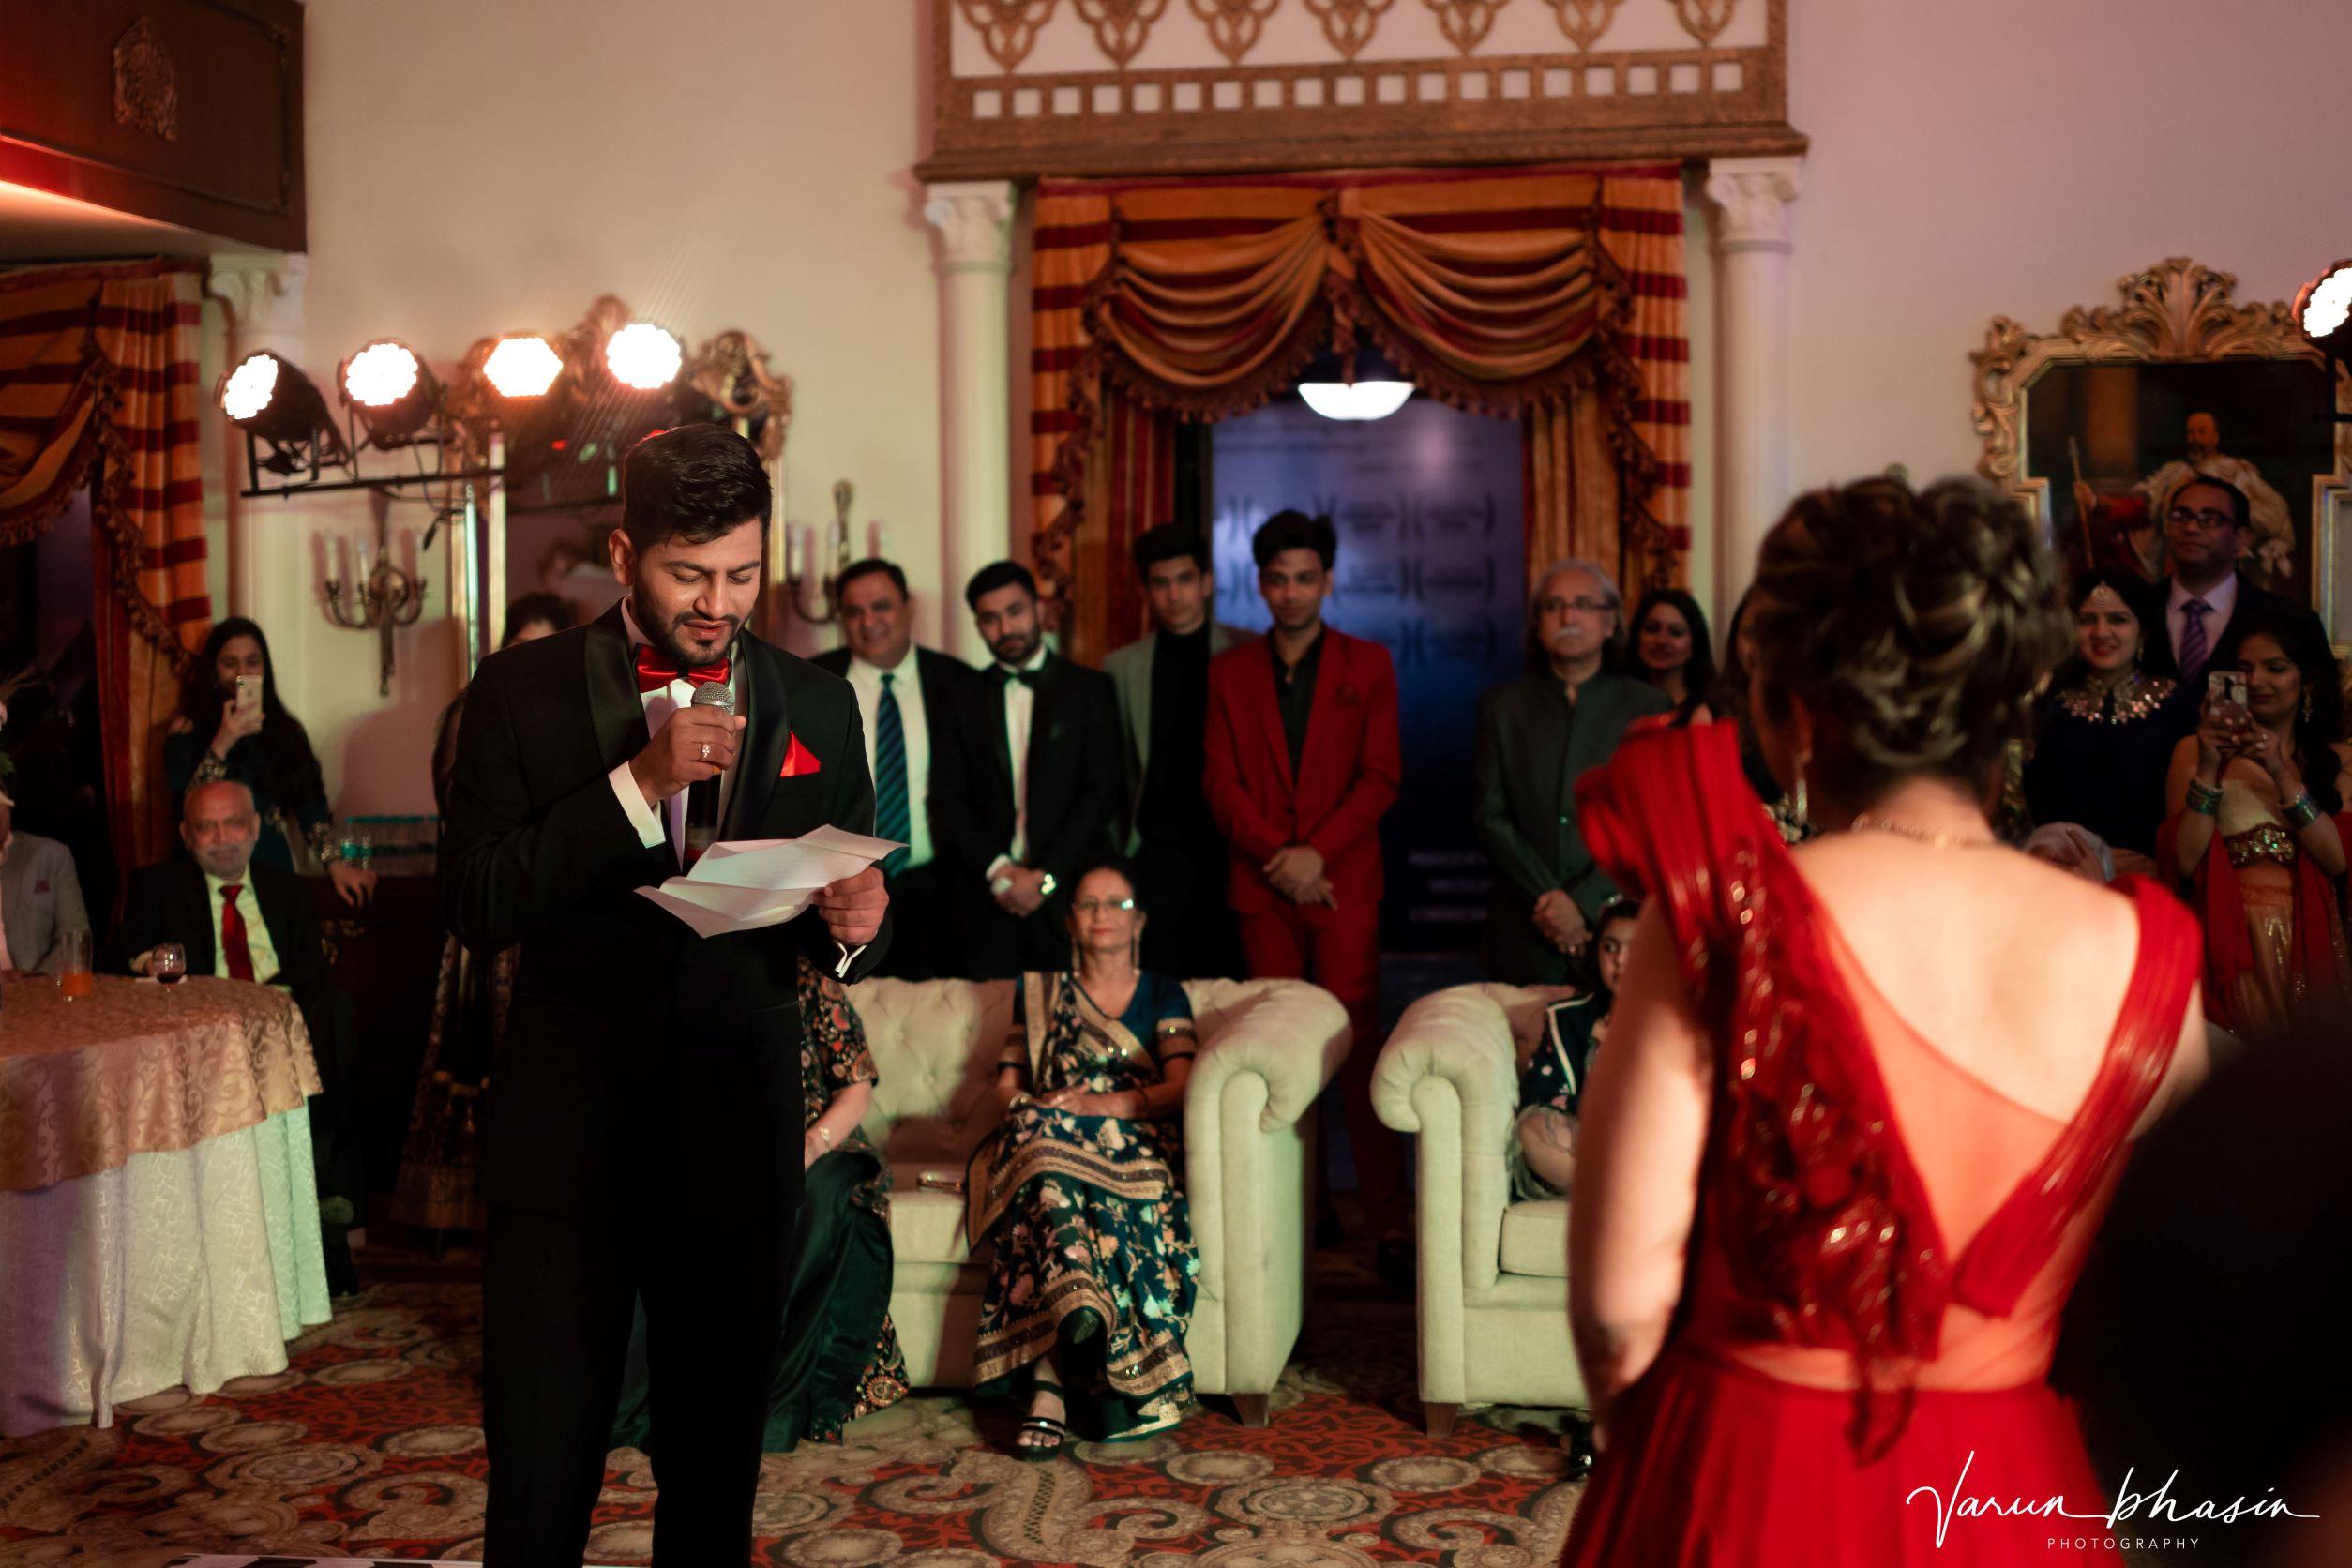 punjabi groom reading his vows